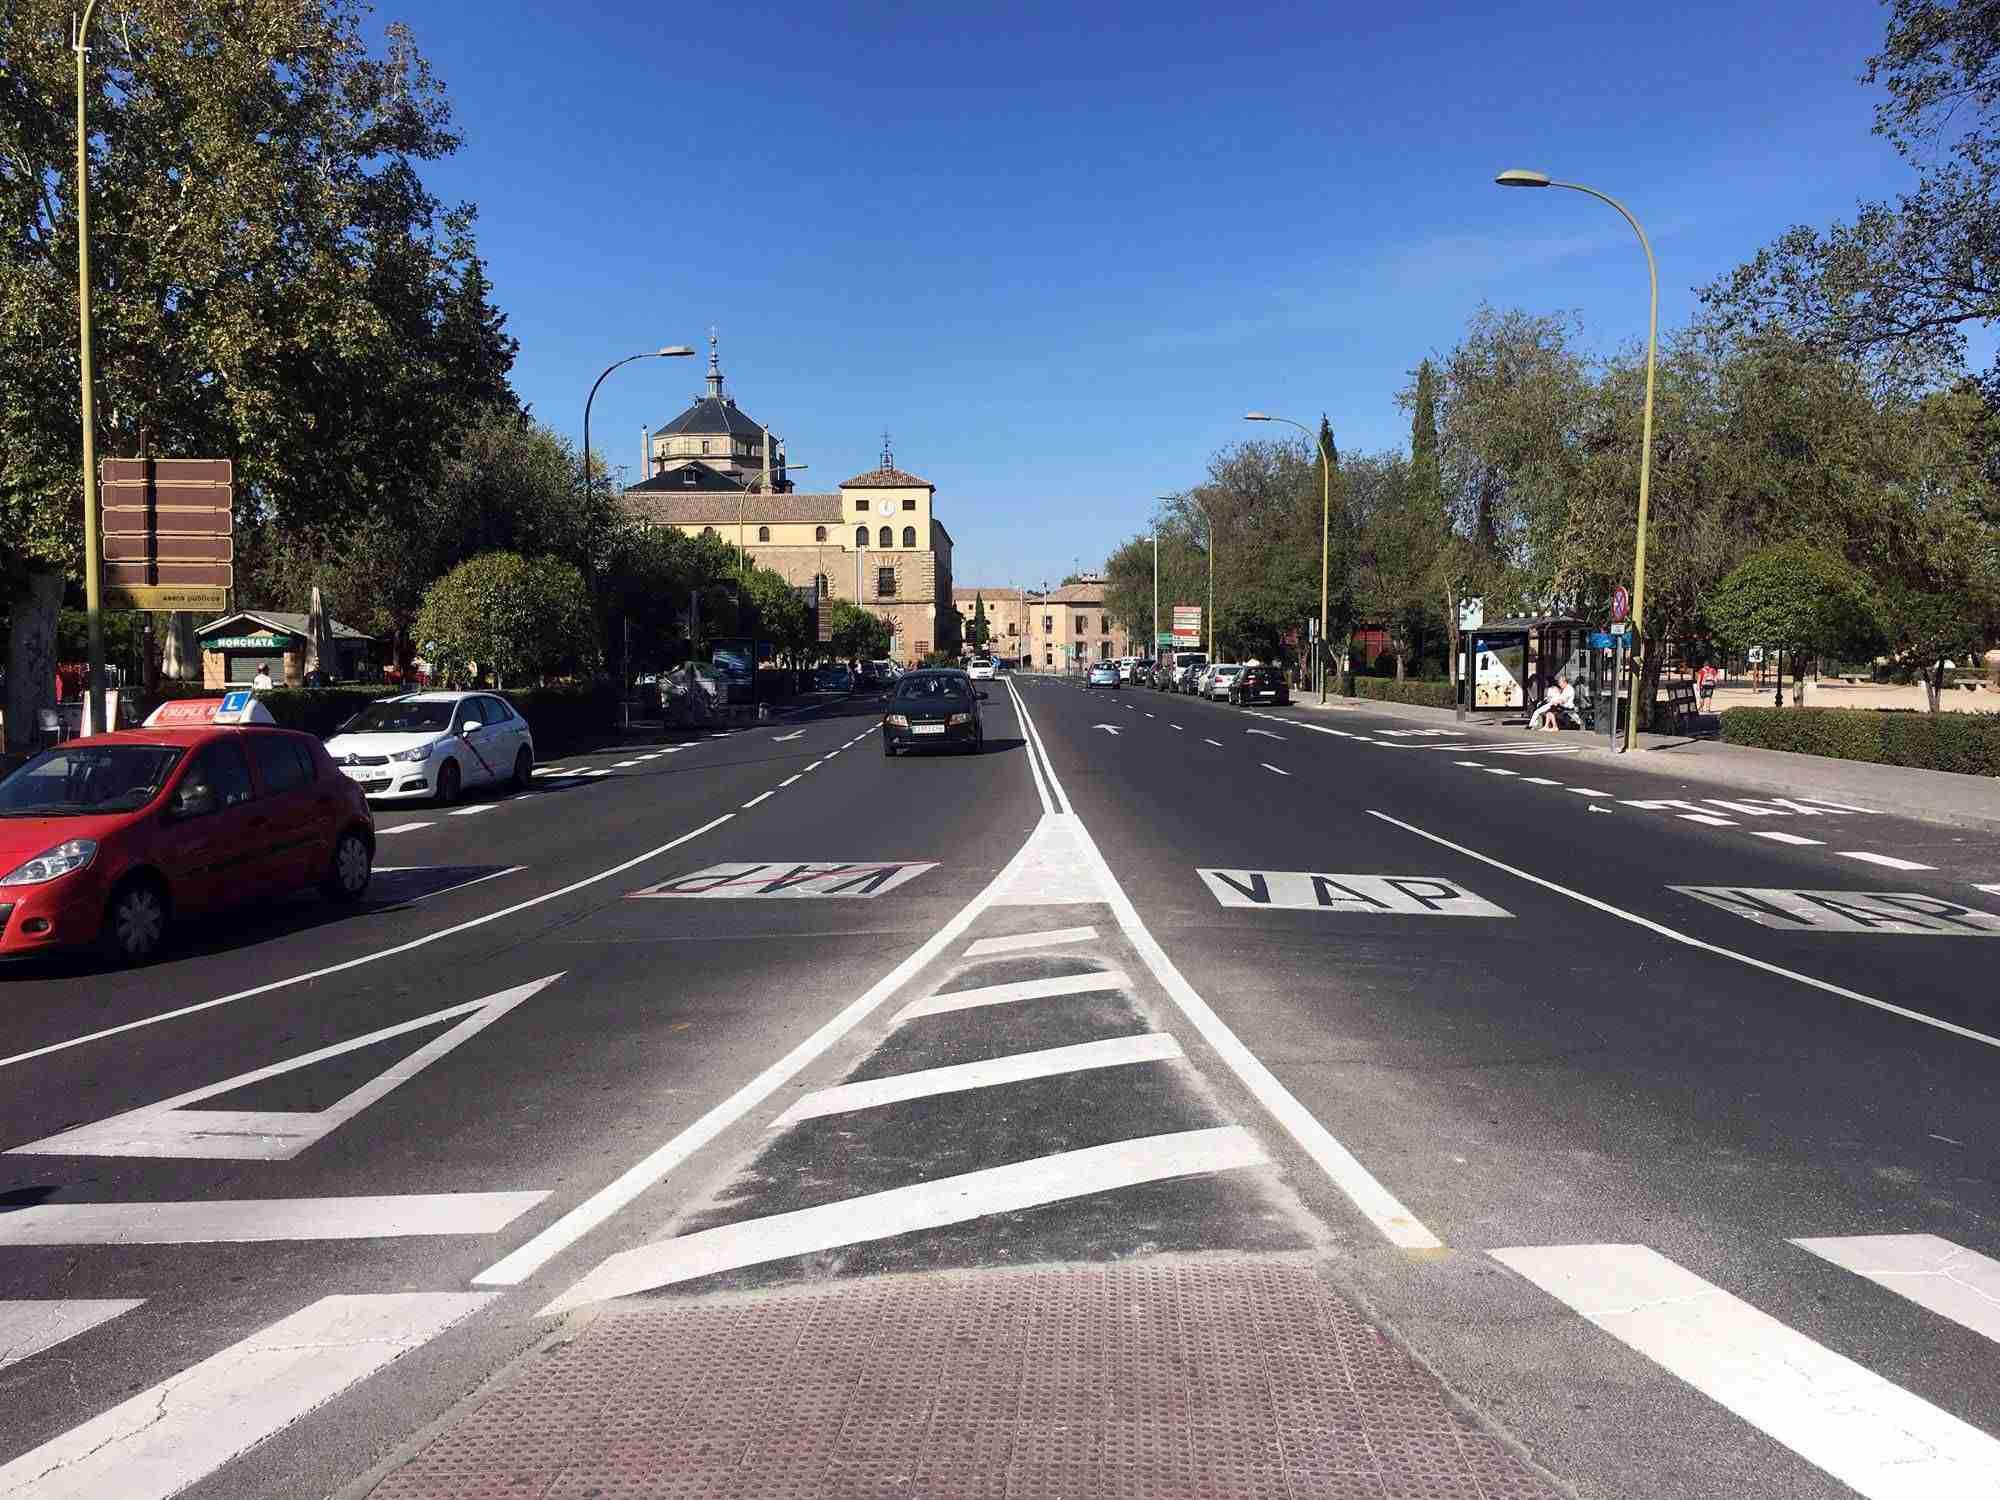 Toledo mejora la señalización horizontal de varias calles y ubica un nuevo paso de peatones en Real del Arrabal 7